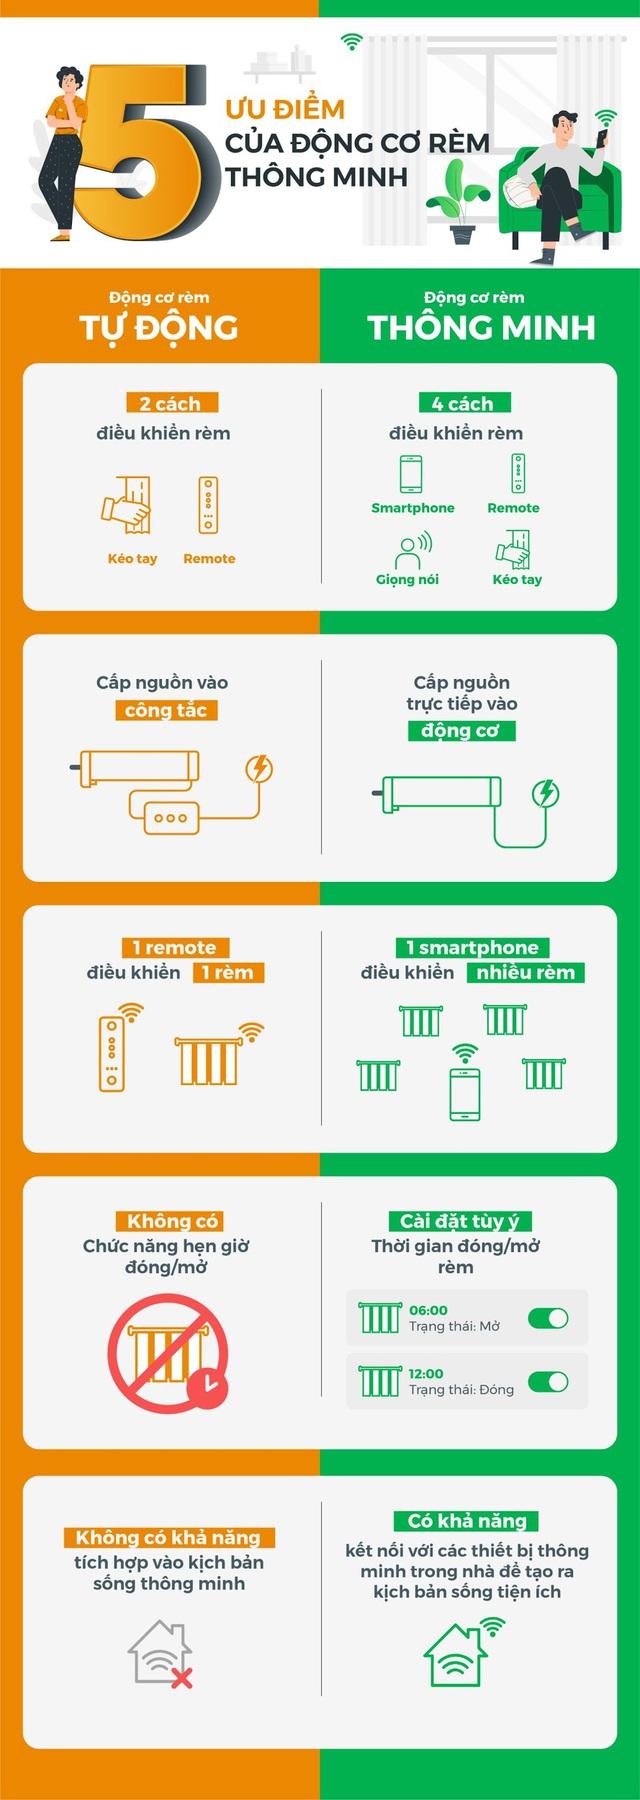 So sánh động cơ rèm thông minh sóng Zigbee và Wifi: lựa chọn nào tốt hơn cho chủ nhà hiện đại? - Ảnh 1.